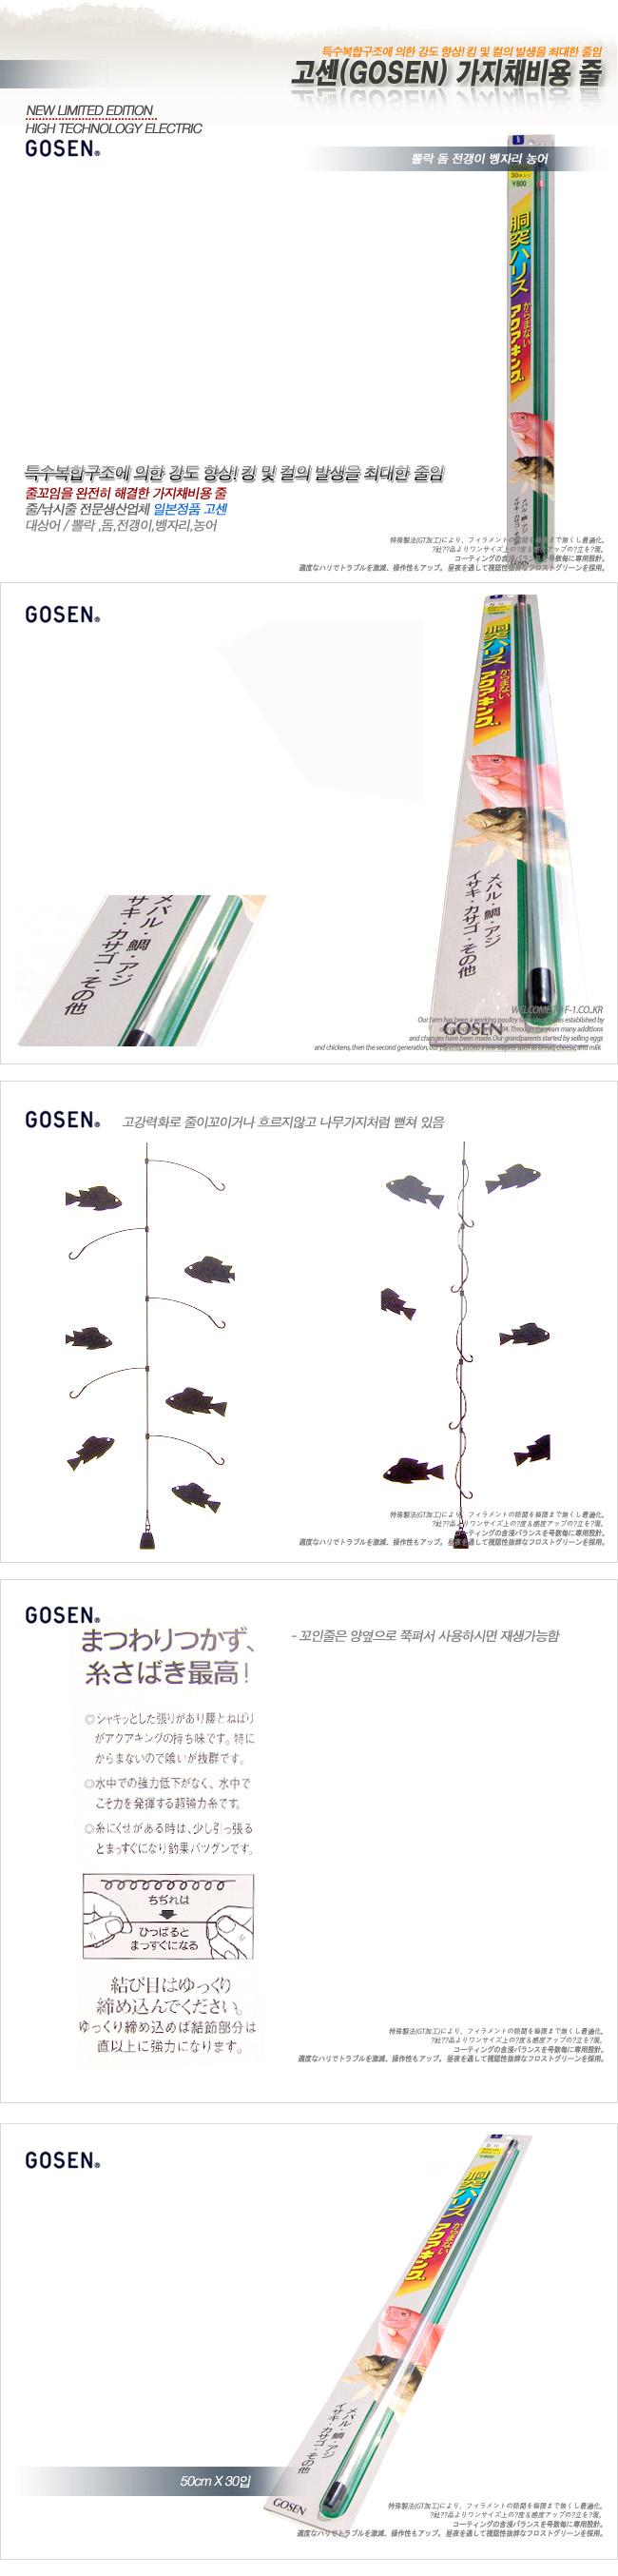 고센 참돔 볼락 광어 목줄채비 50cm 카본목줄 바다목줄 바다카본목줄 목줄 쇼크리더 카본원줄 민물원줄 카본목줄 카본쇼크리더